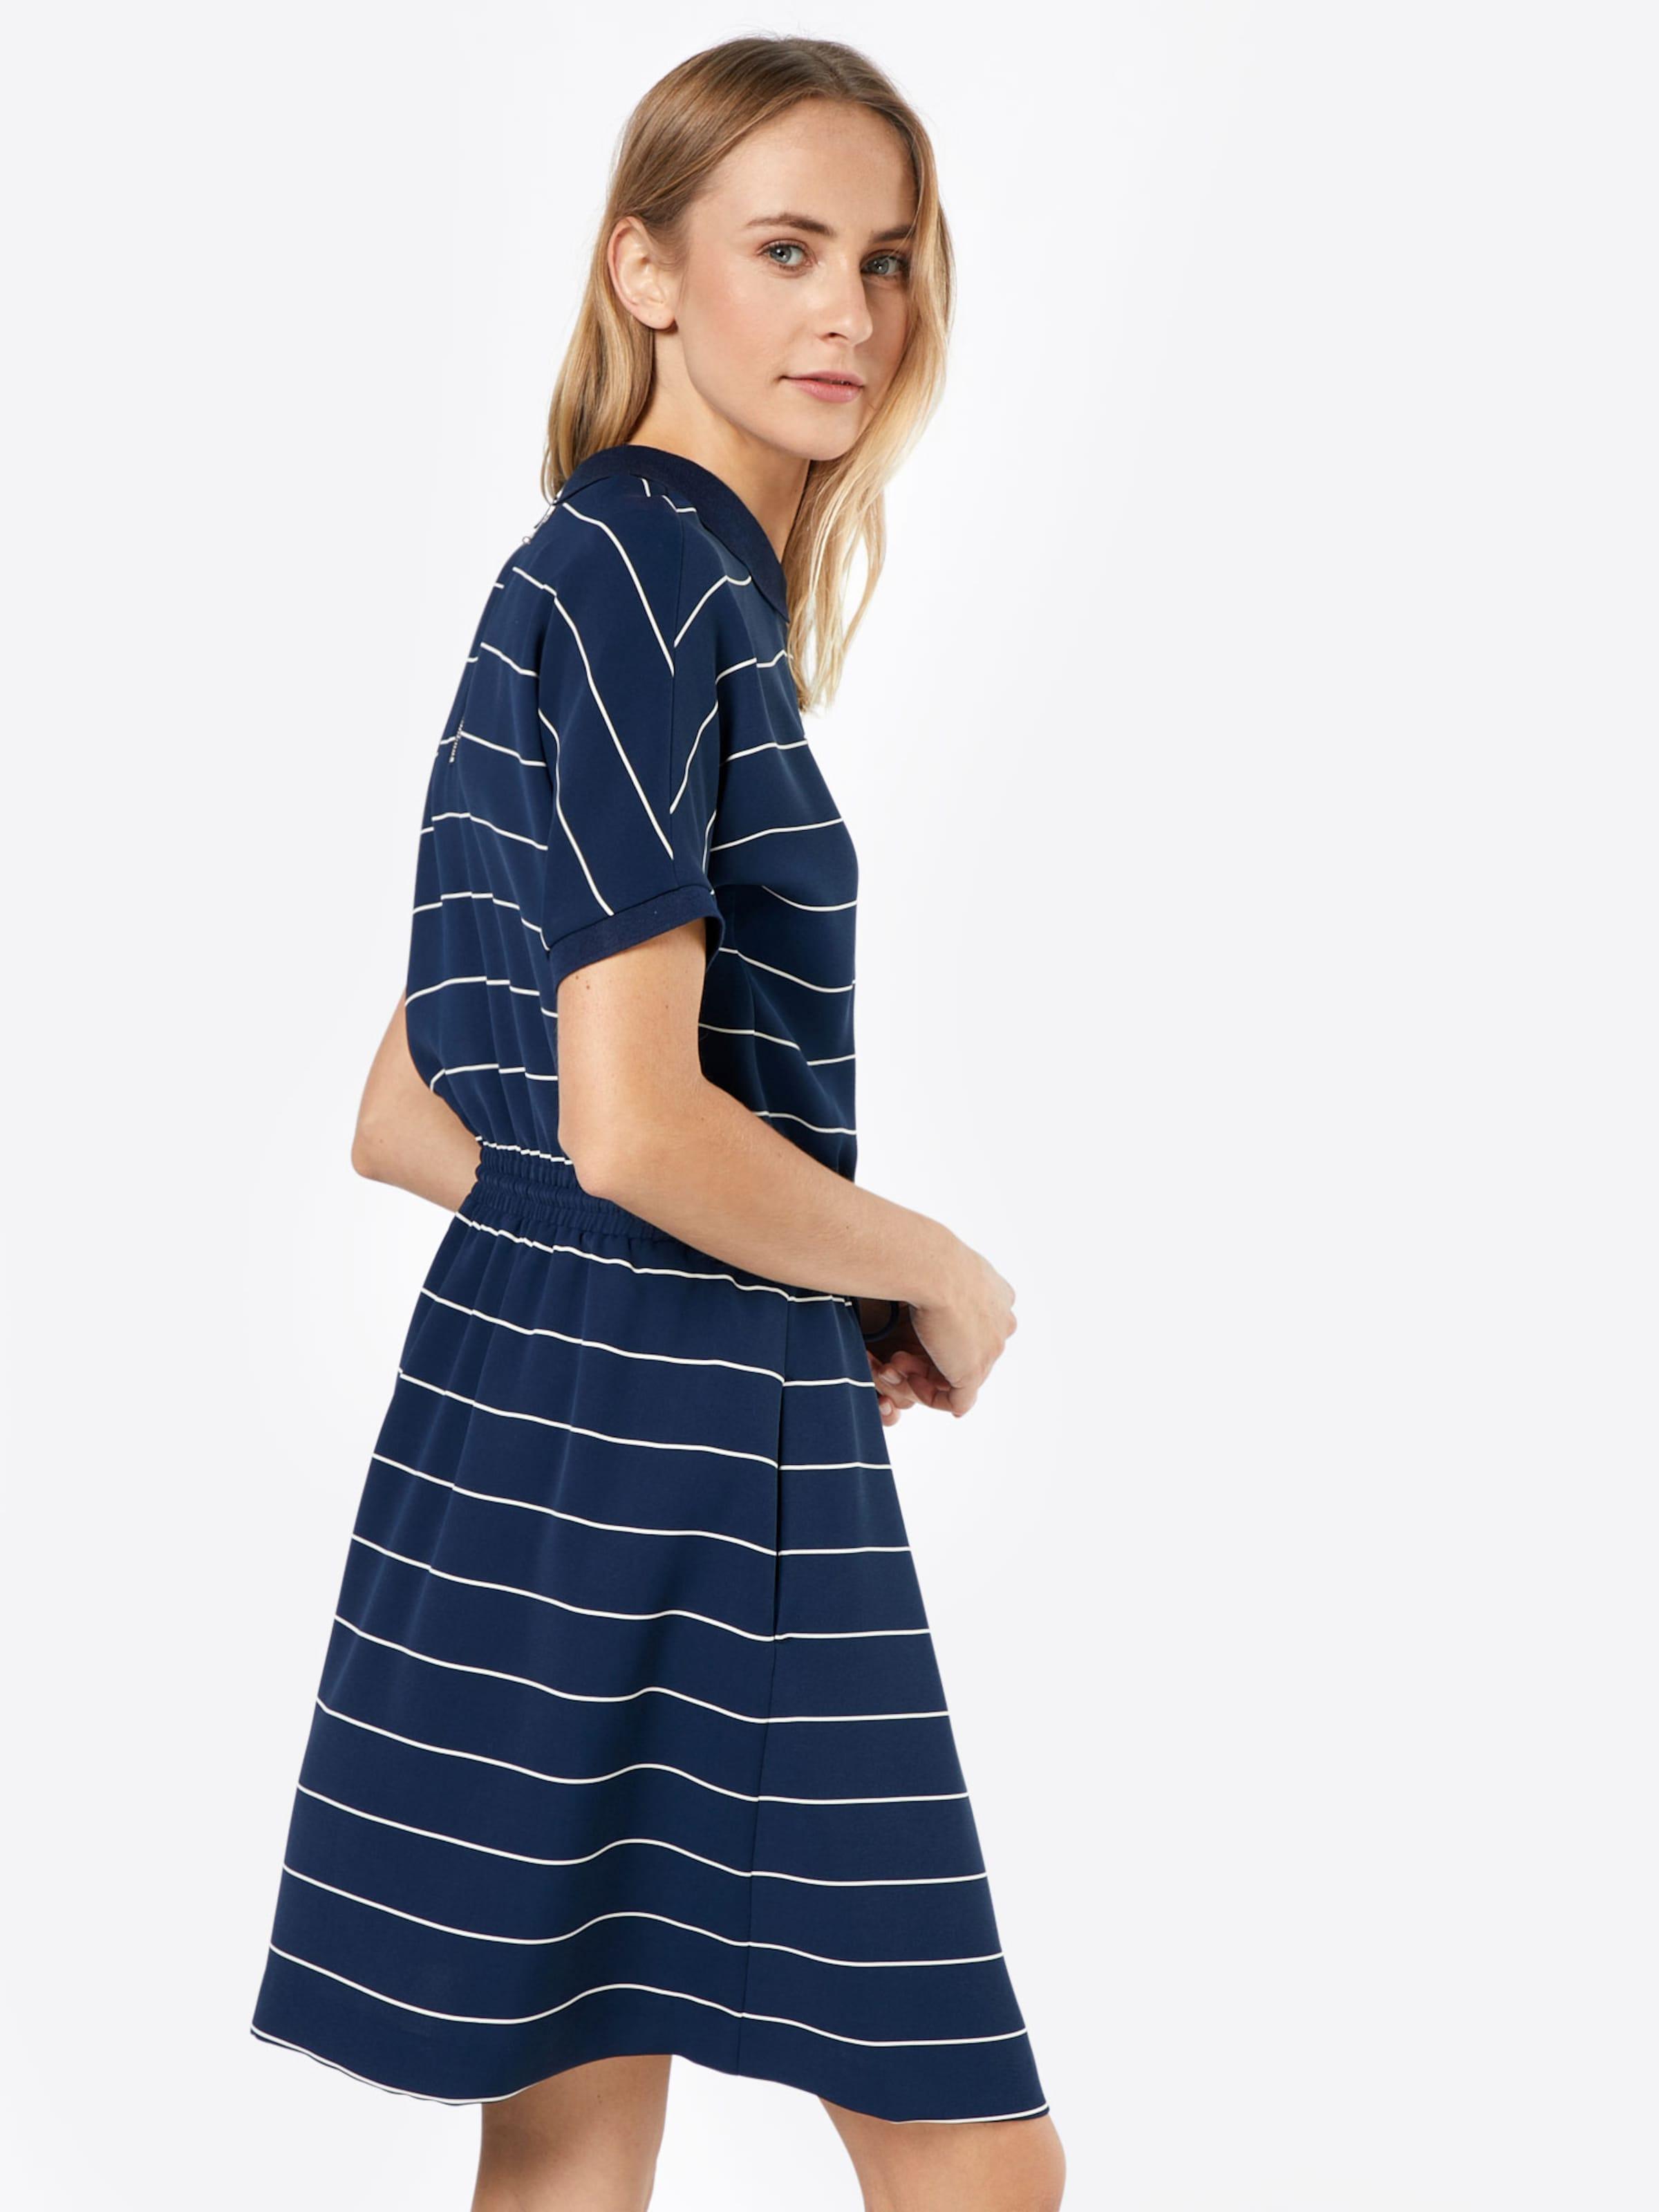 LACOSTE Kleid Preise Und Verfügbarkeit Für Verkauf Zahlen Mit Paypal Günstig Online Lieferung Frei Haus Mit Kreditkarte ESkaB